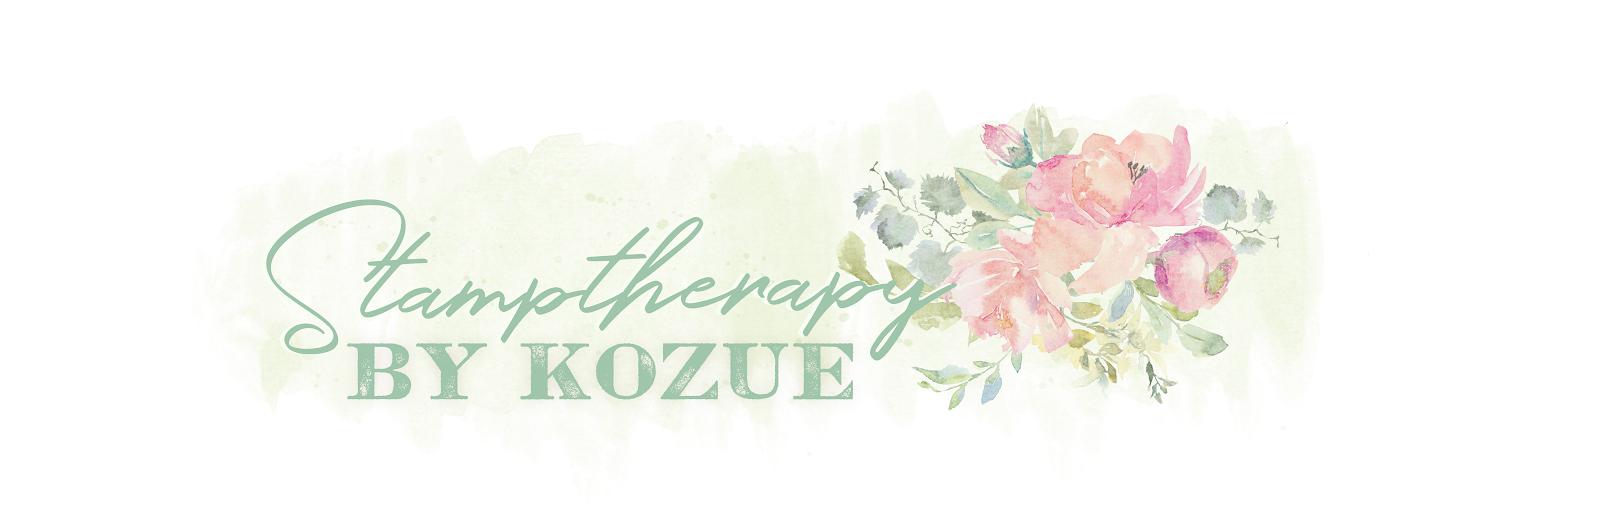 Stamptherapy by Kozue